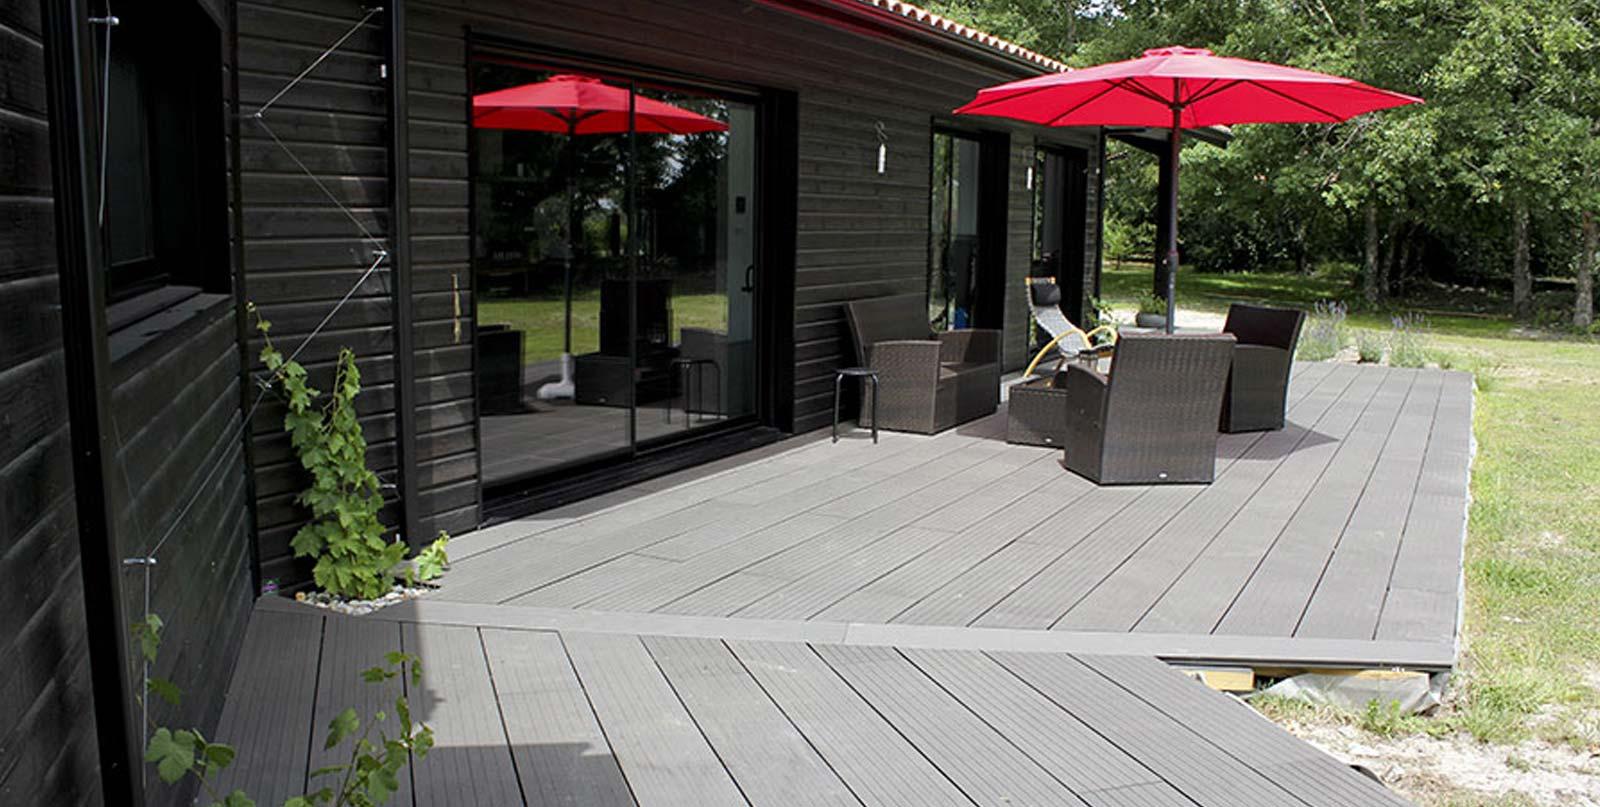 maison igc en bois foncé, détail extieur terrasse